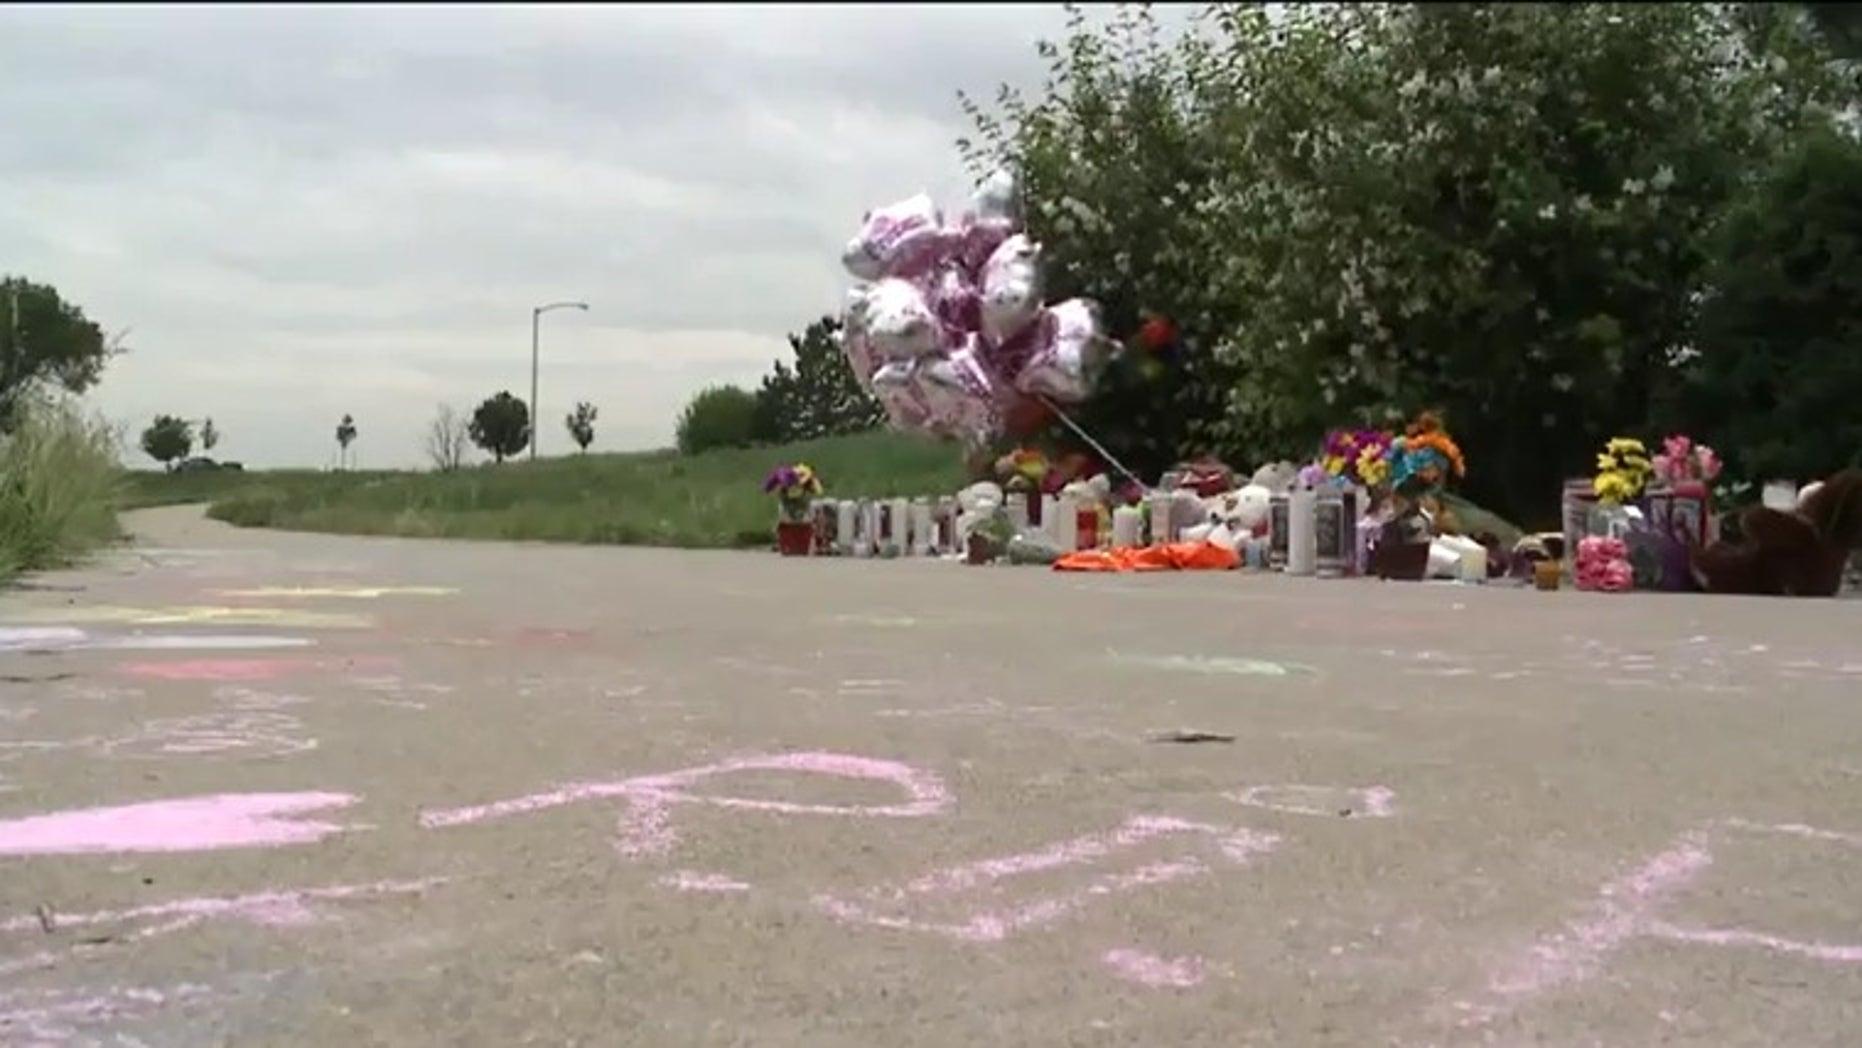 Sidewalk memorial for Kiaya Campbell. (Fox 31 Denver)